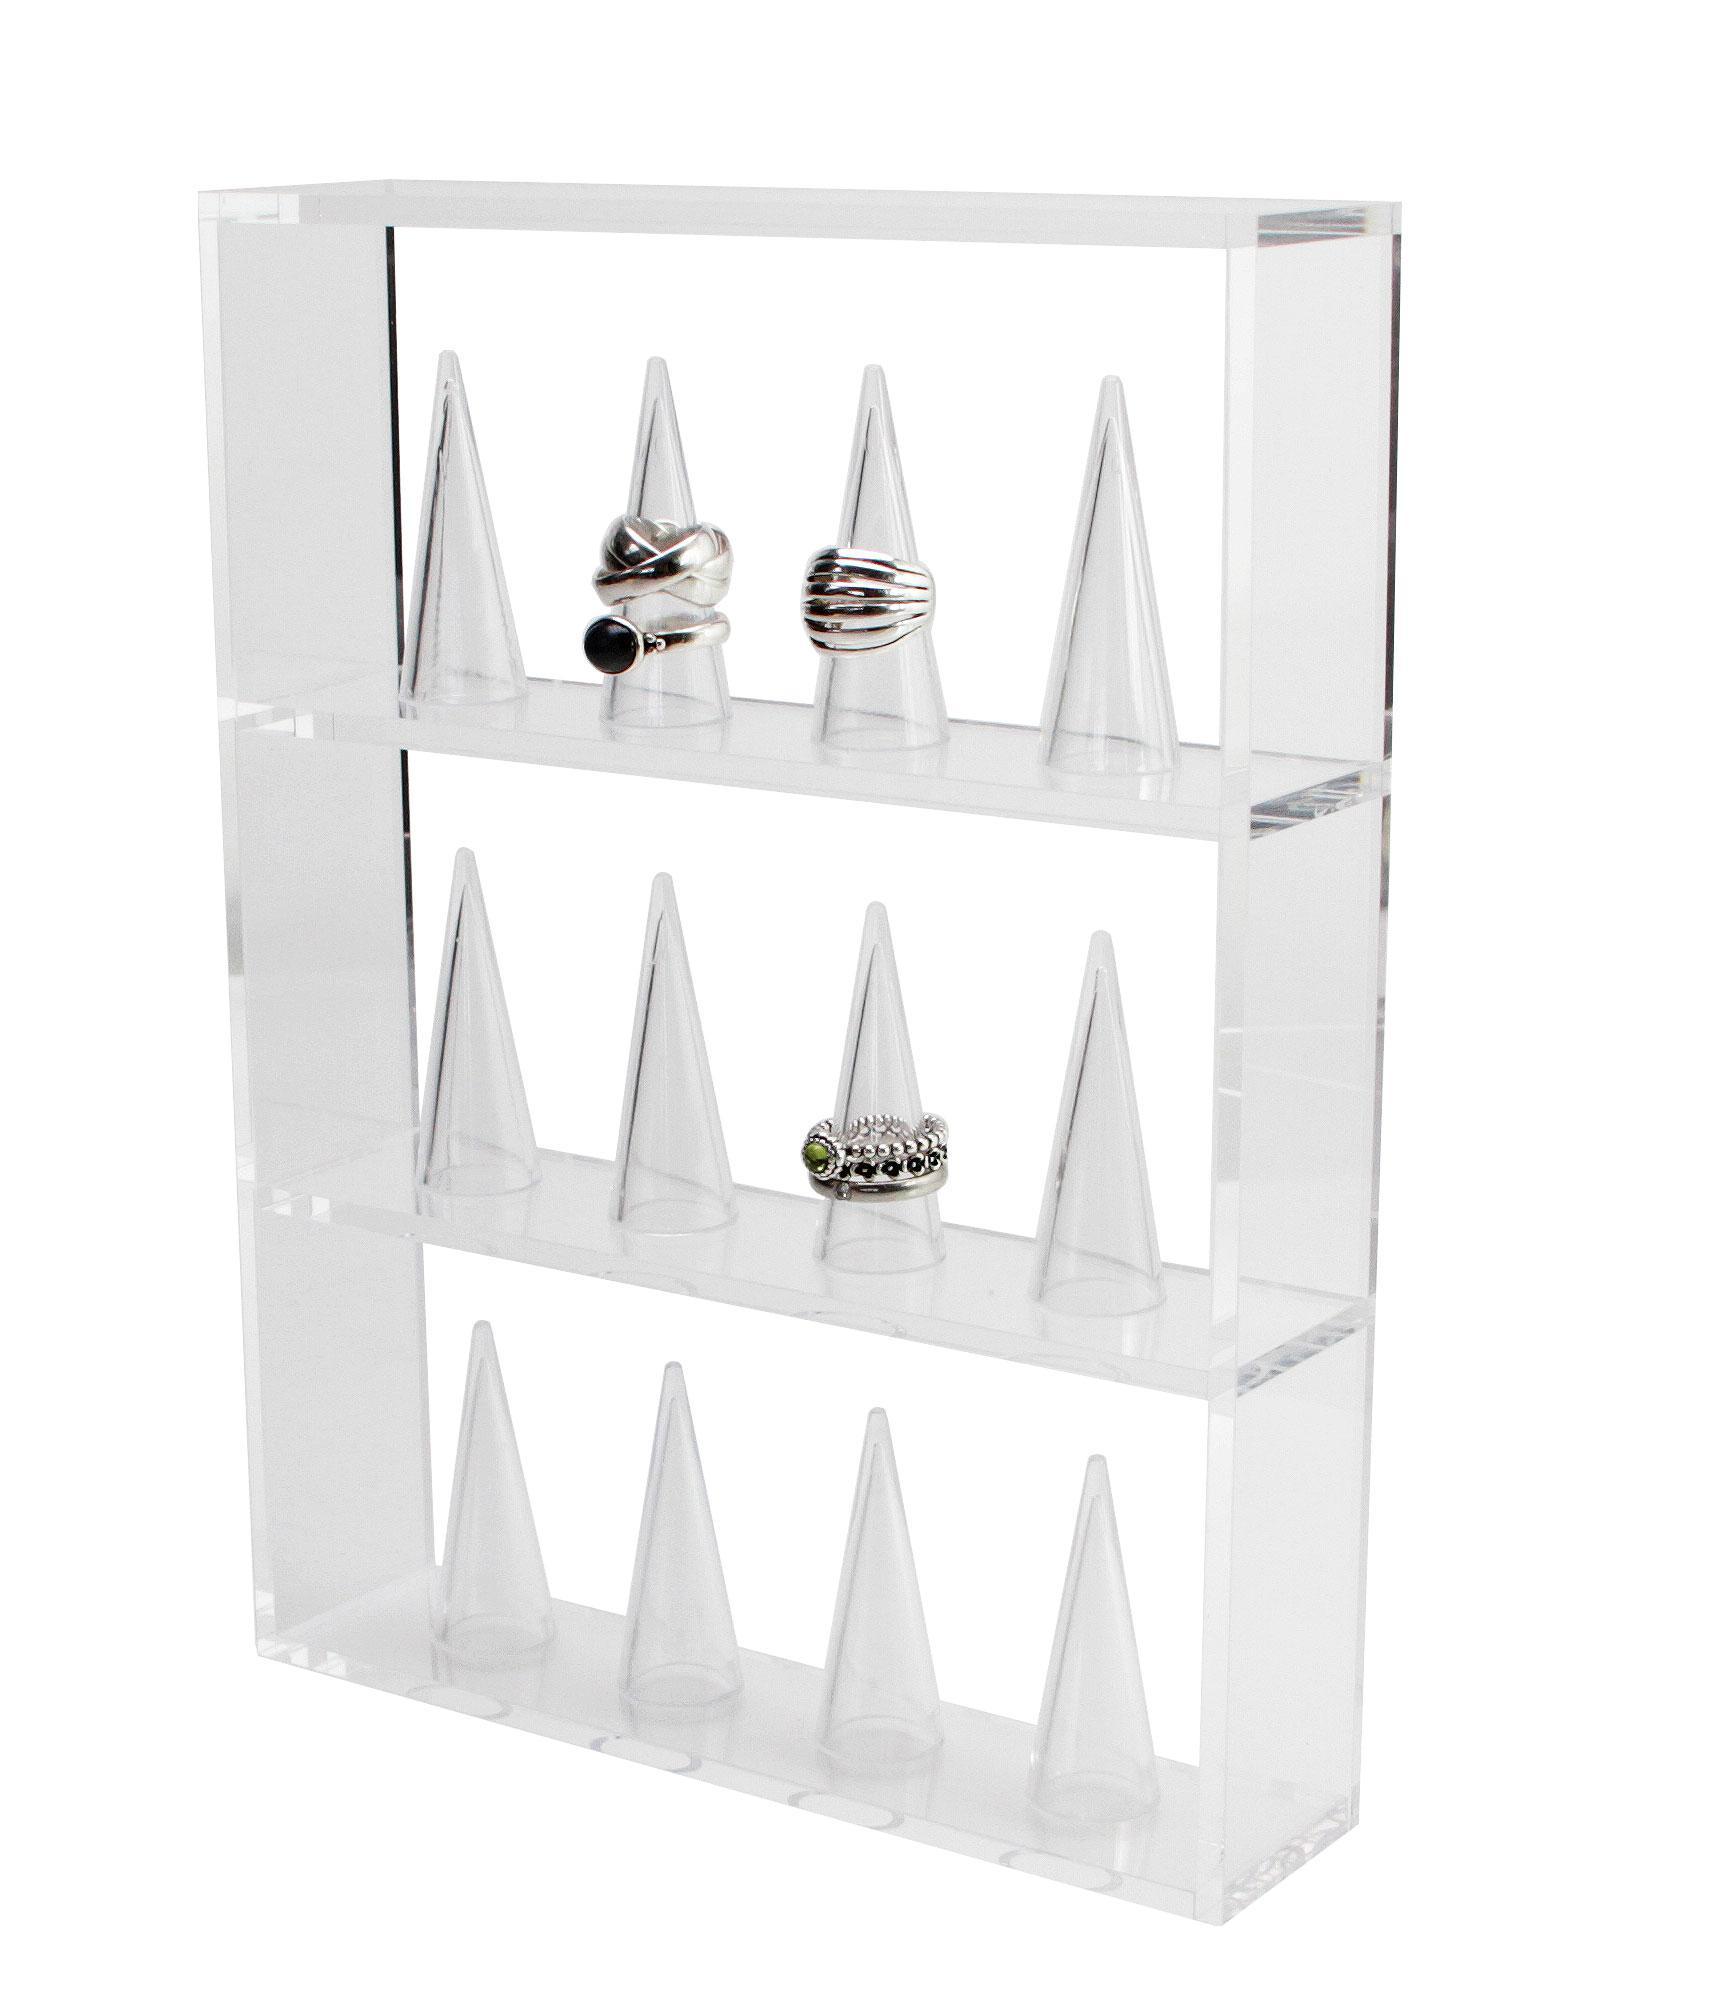 SAFE 5267 Design Acryl Rahmen Schmuckständer mit 12 Ringhaltern für ...